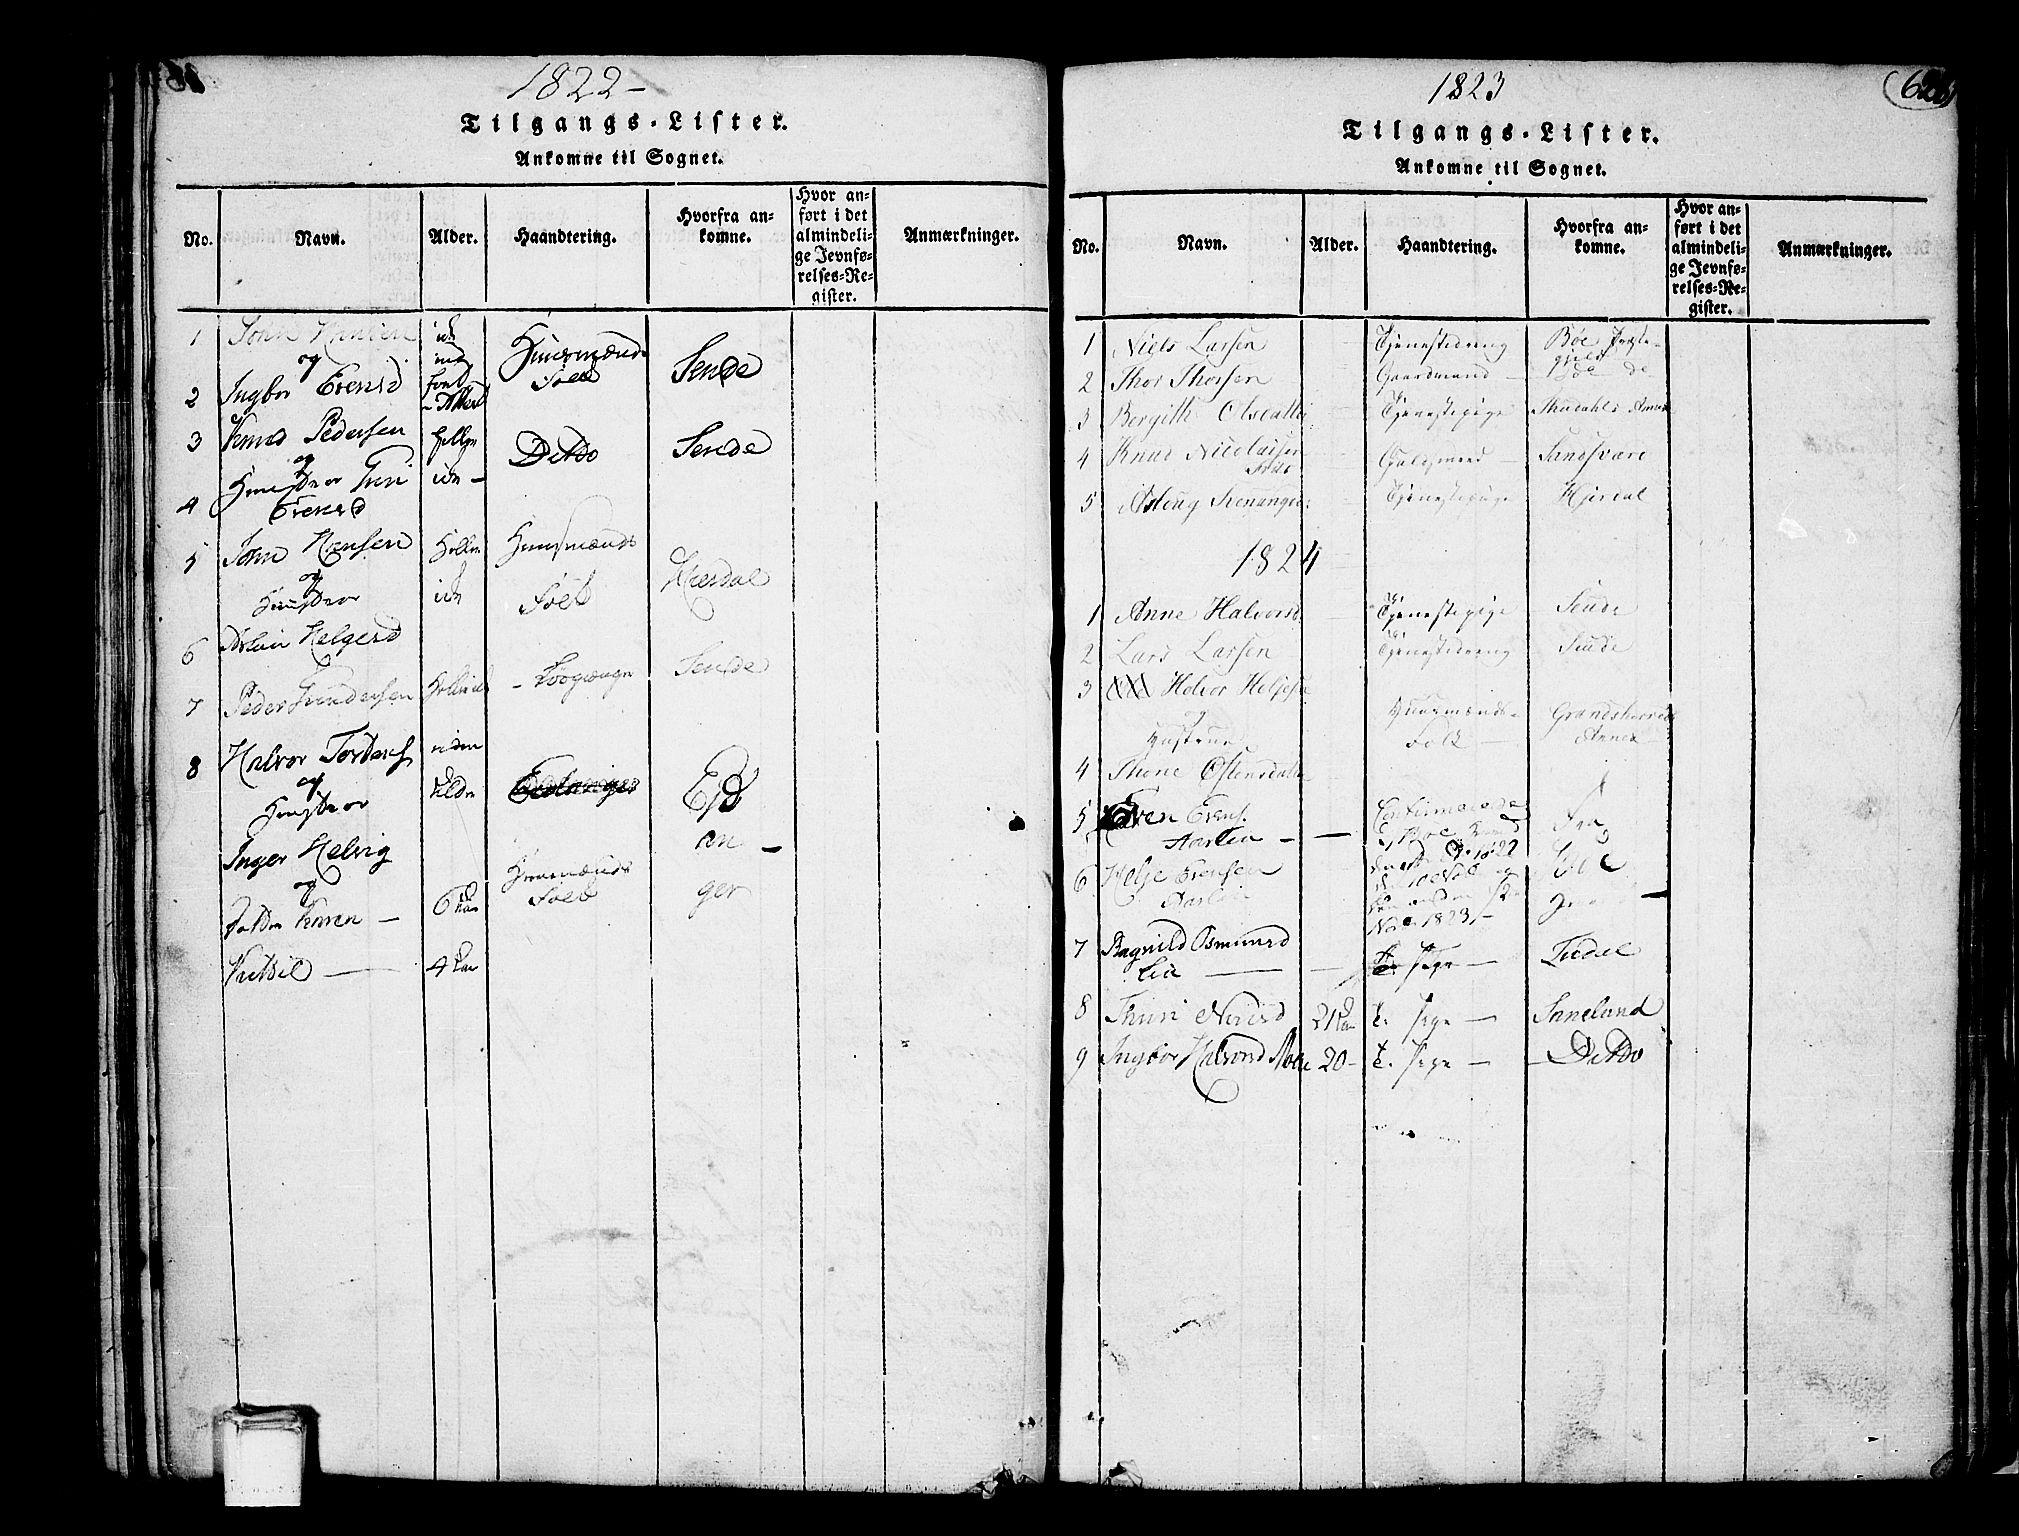 SAKO, Heddal kirkebøker, F/Fa/L0005: Ministerialbok nr. I 5, 1814-1837, s. 627-628